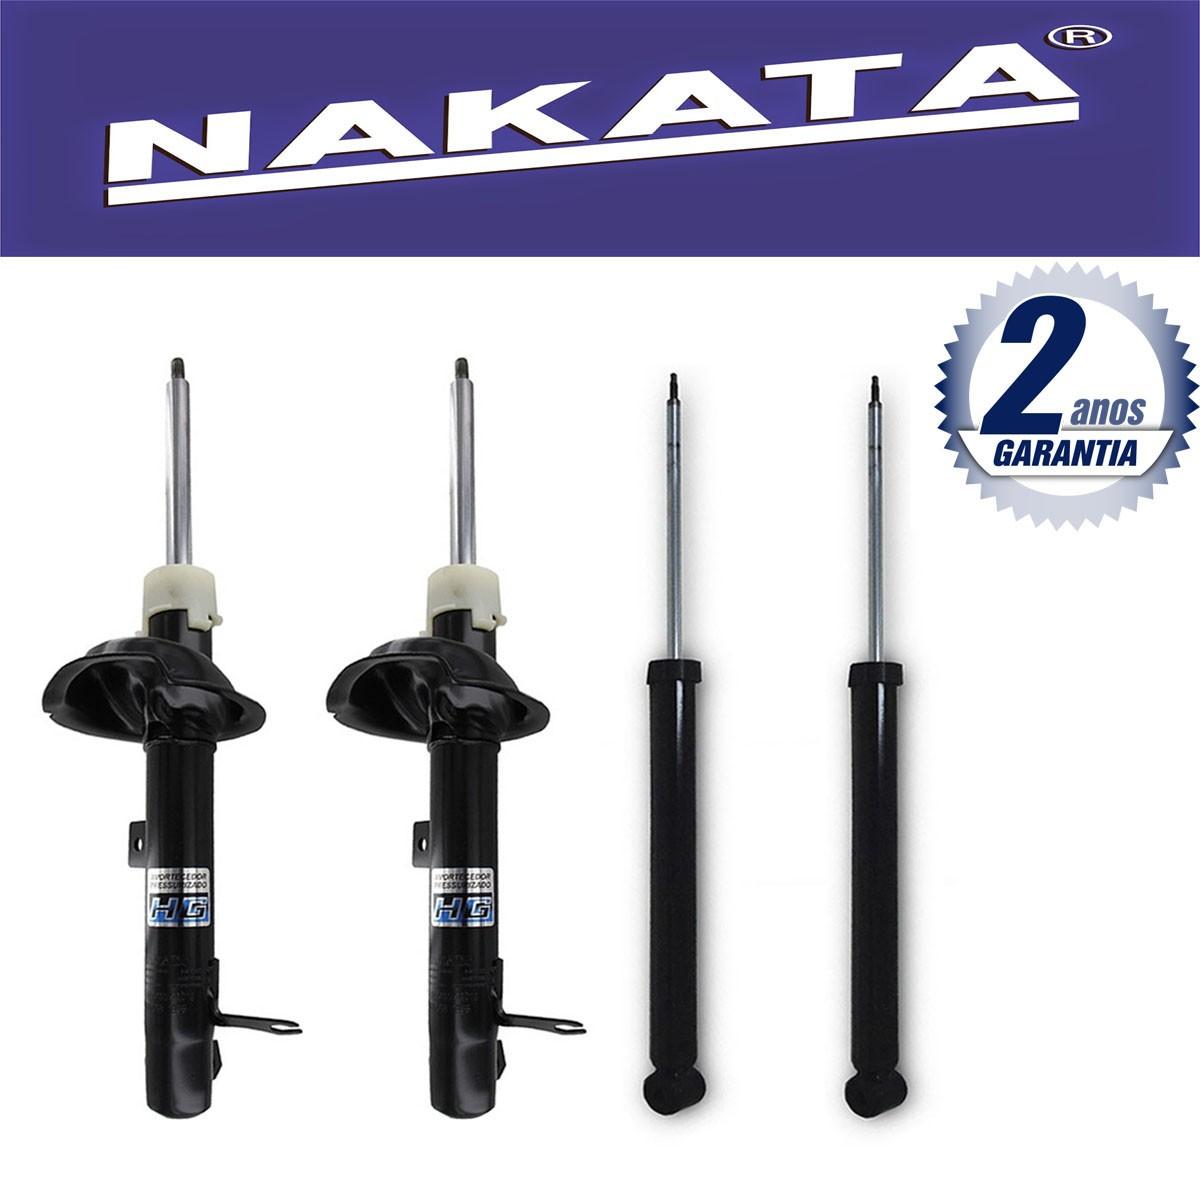 Jogo 04 Amortecedores Nakata Ford Focus Hatch e Sedan 2000 Até 2008